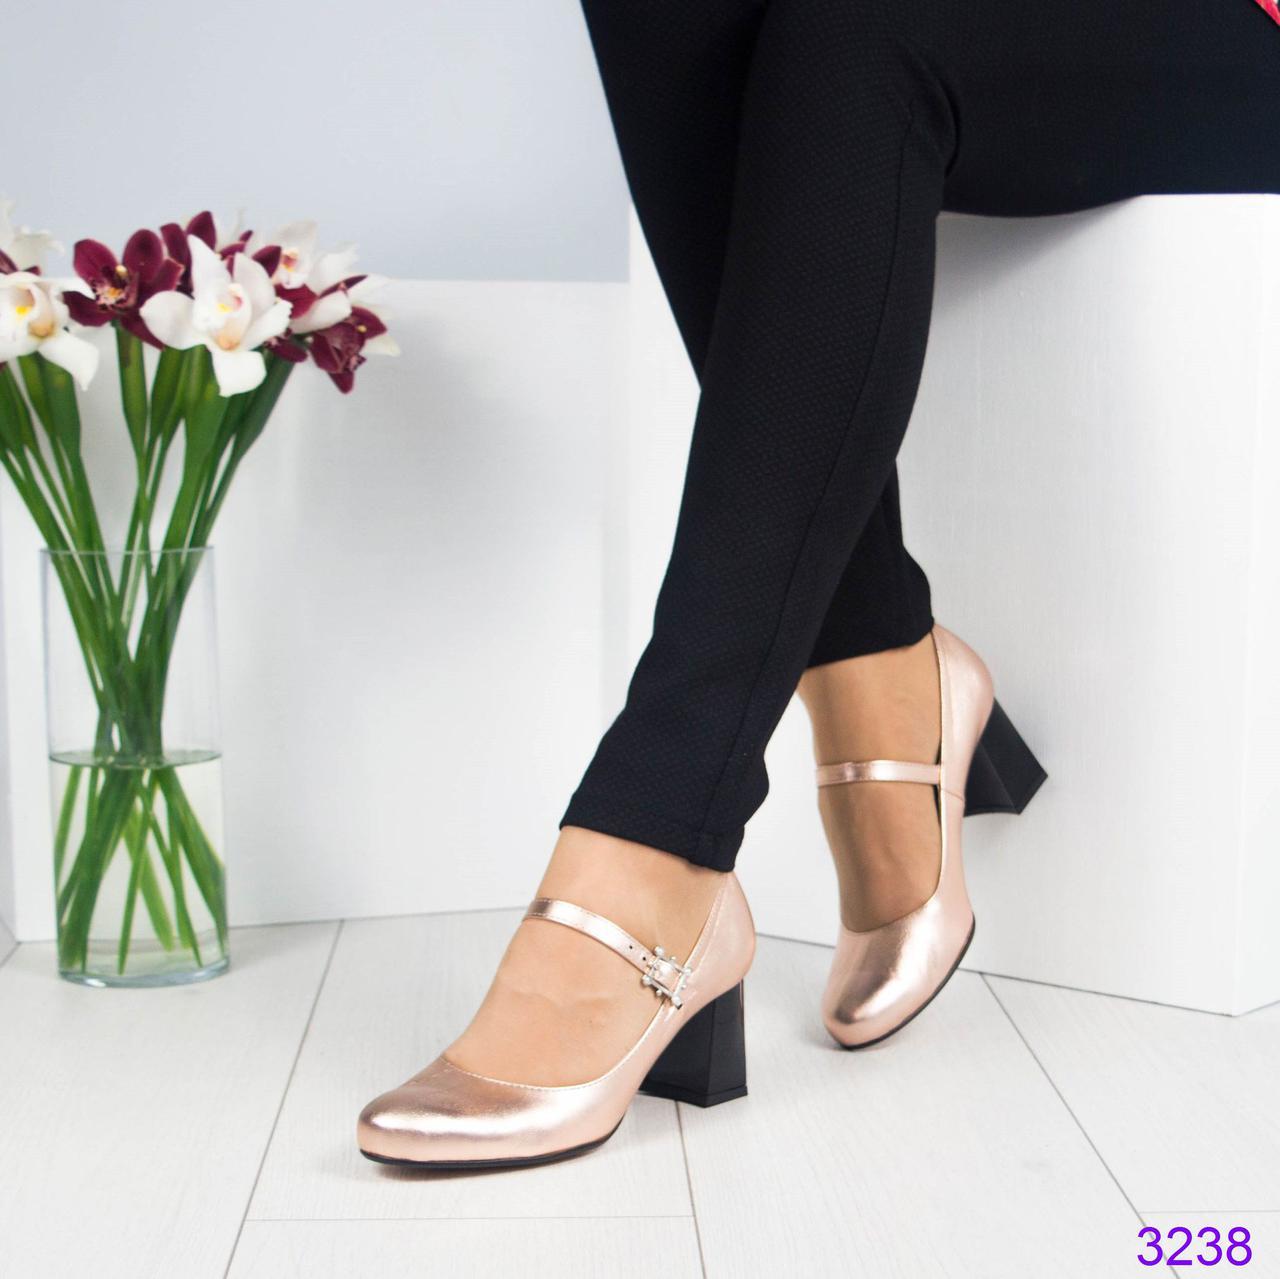 Шикарные туфли с ремешком. Пряжка украшена жемчугом. Цвет - золотистый.